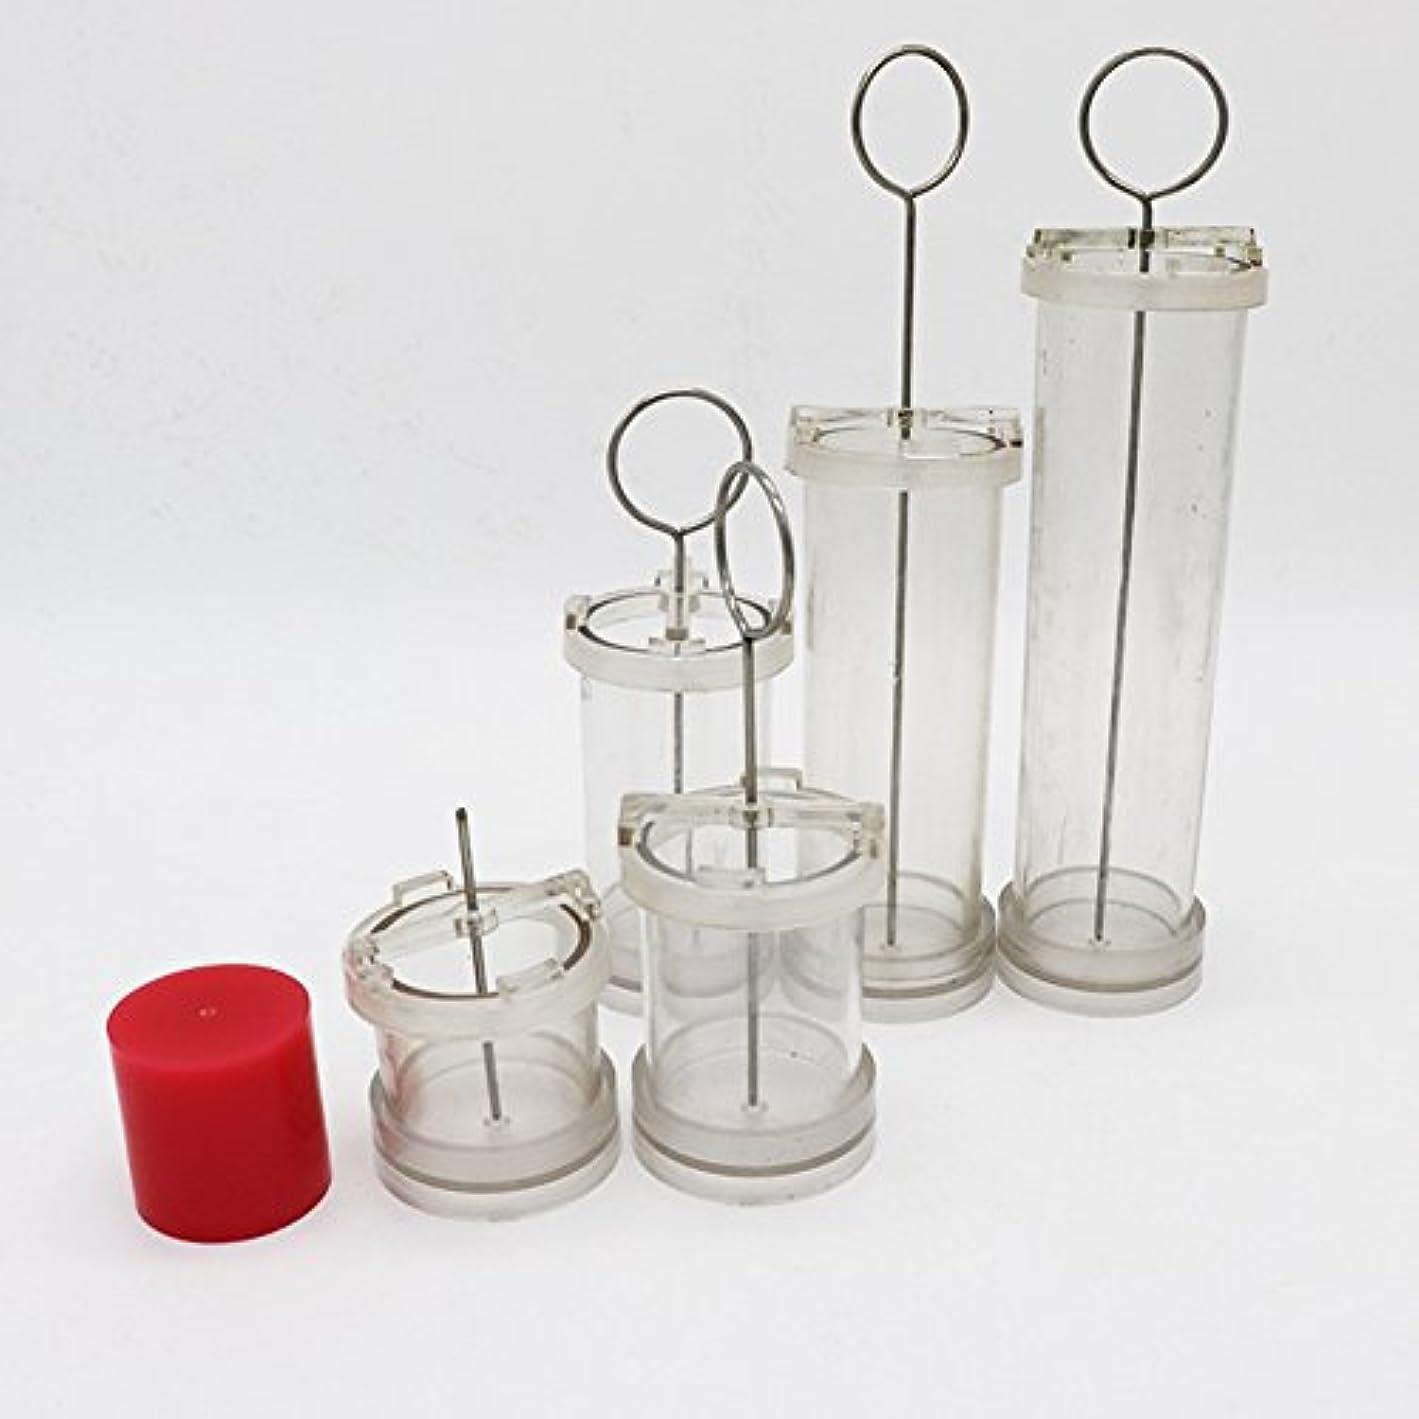 先悪の申し立てACHICOO キャンドル DIY ハンドメイド シリンダー形状 ワックス金型 香り PCチューブを作る 特別なワックス成形 フラットヘッド径Φ5*高10cm